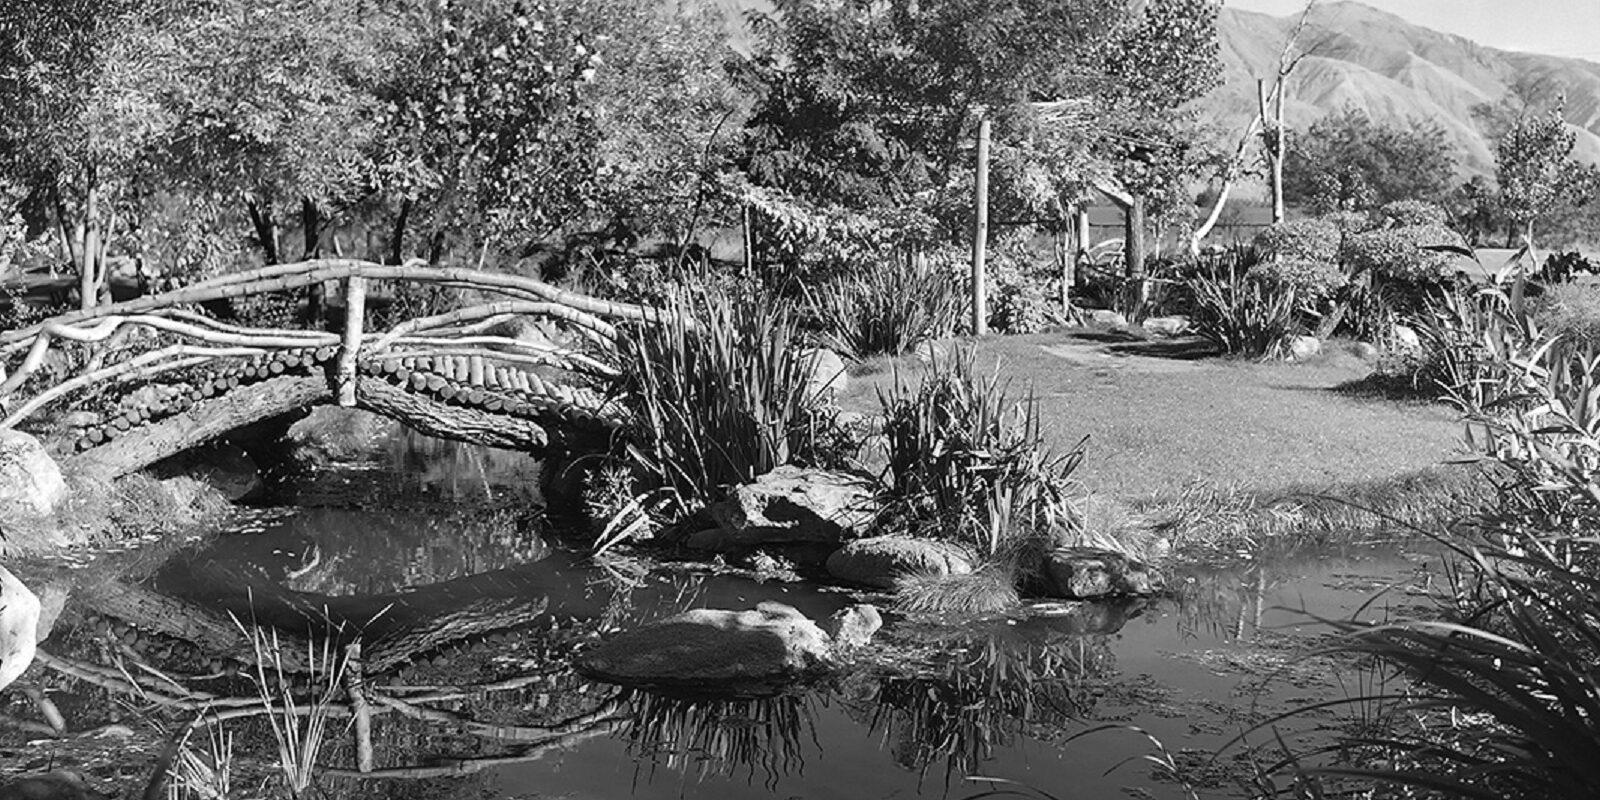 Merritt Park Named after Ralph Merritt Director of Manzanar